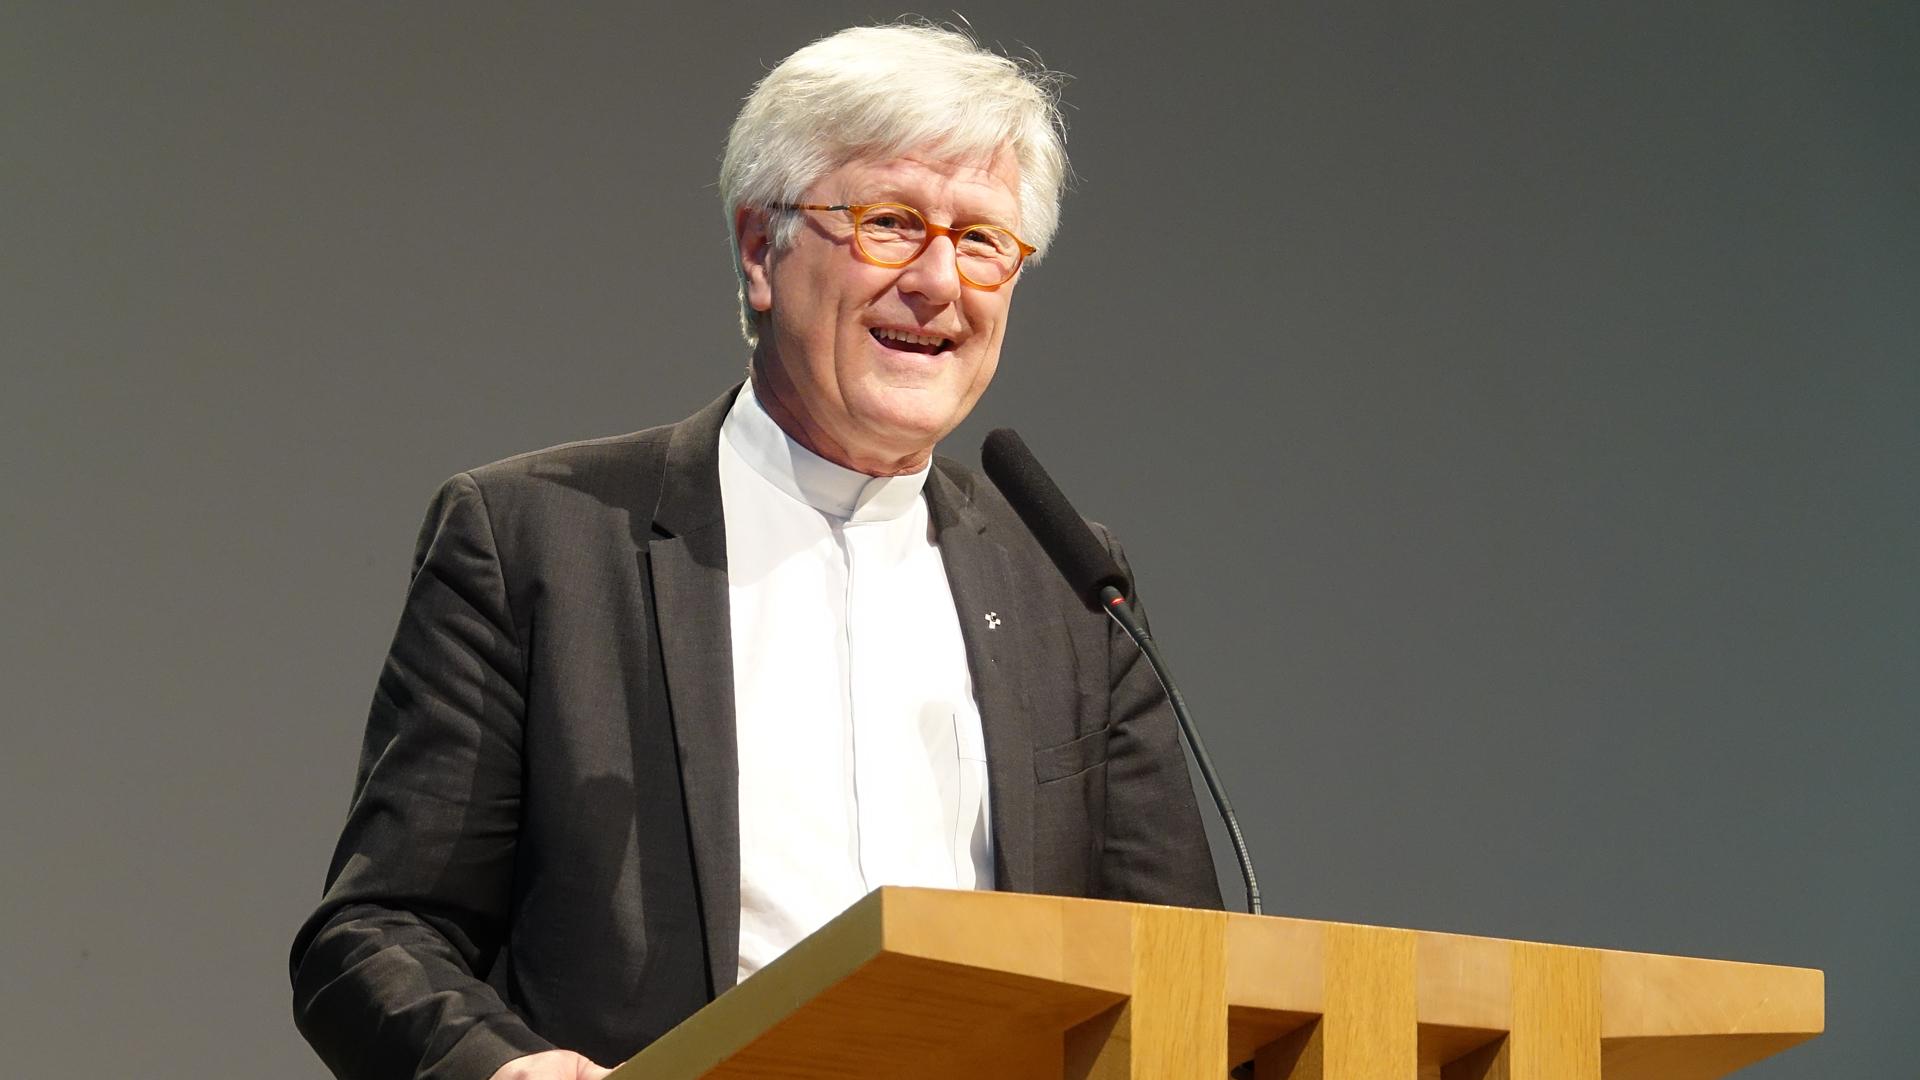 """""""Wir machen jetzt keinen Punkt, sondern einen Doppelpunkt"""", sagte der EKD-Ratsvorsitzende Heinrich Bedford-Strohm auf dem Christlichen Medienkongress in Schwäbisch Gmünd im Bezug auf das Reformationsjubiläum"""